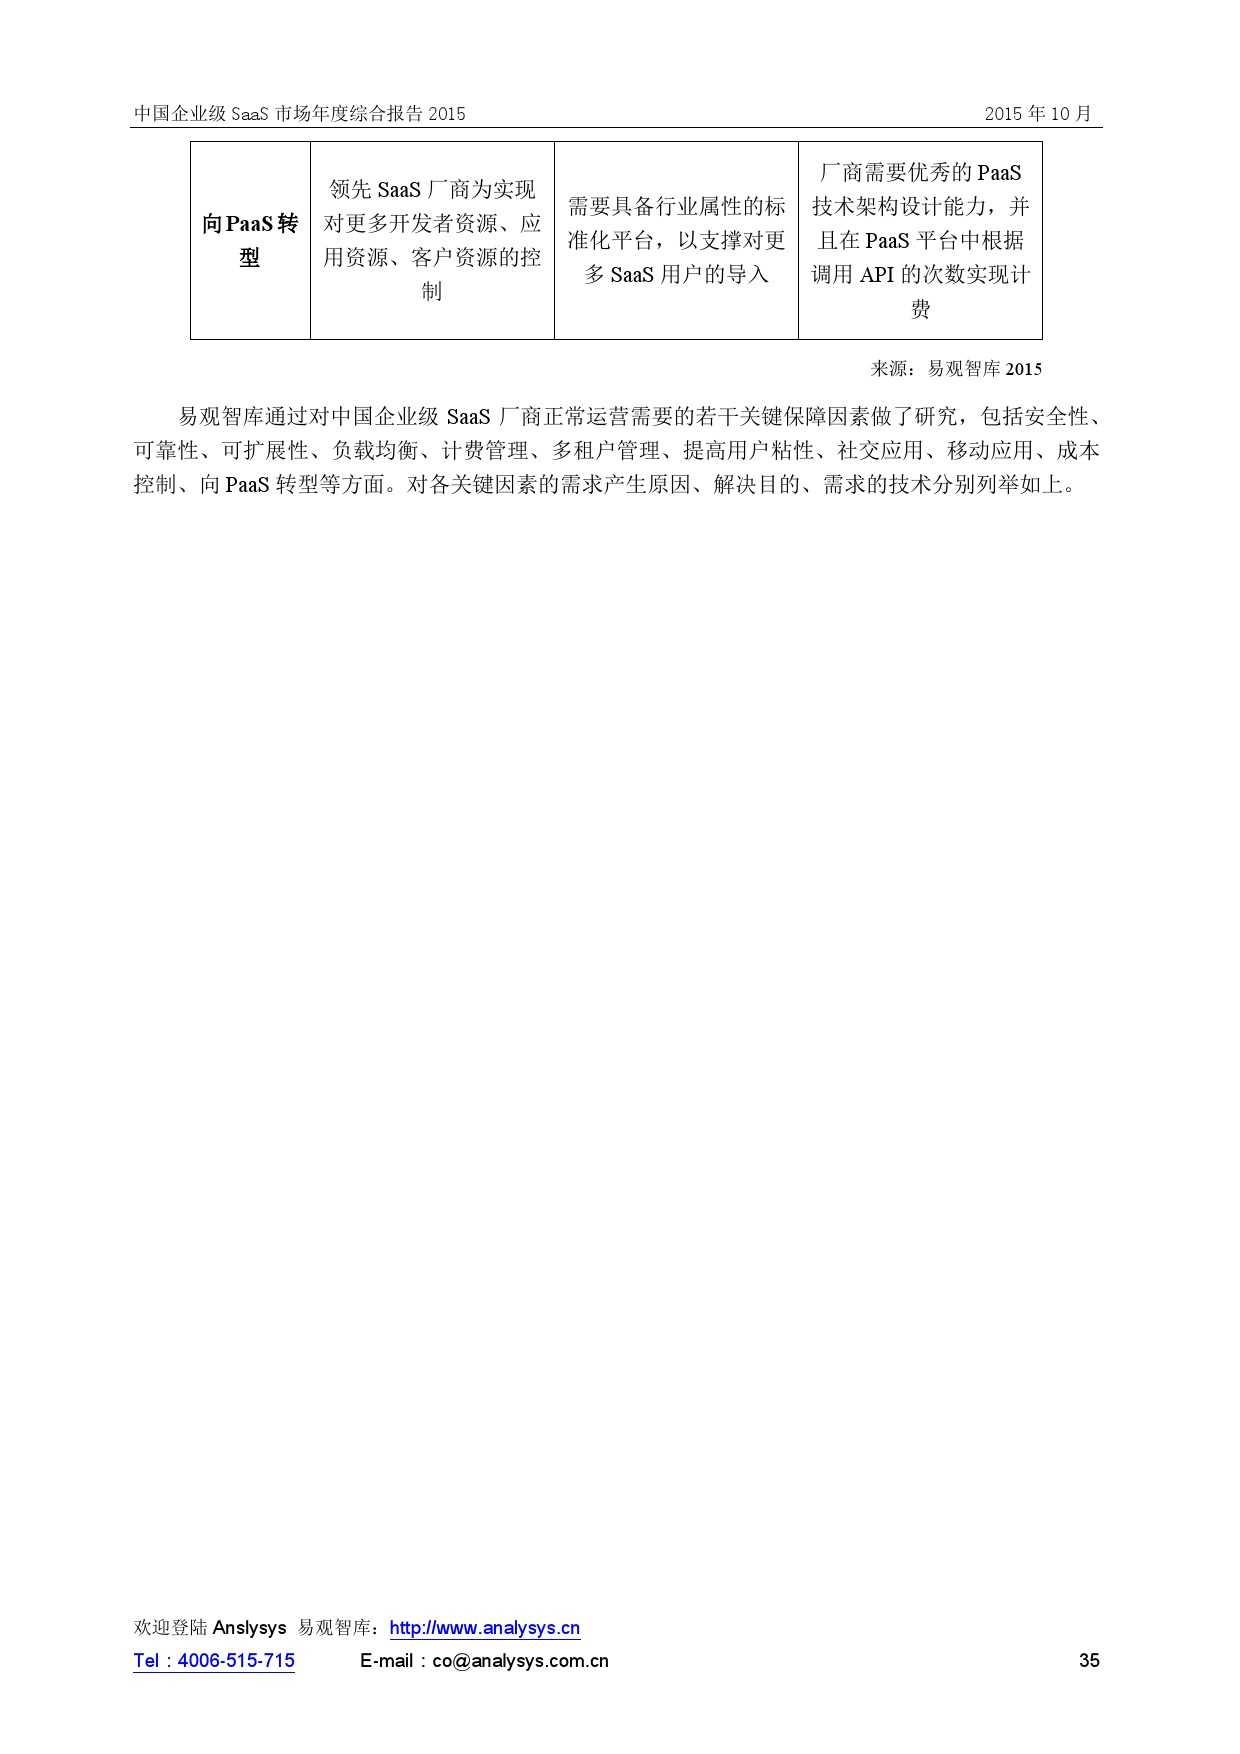 中国企业级SaaS市场年度综合报告2015 01_000035